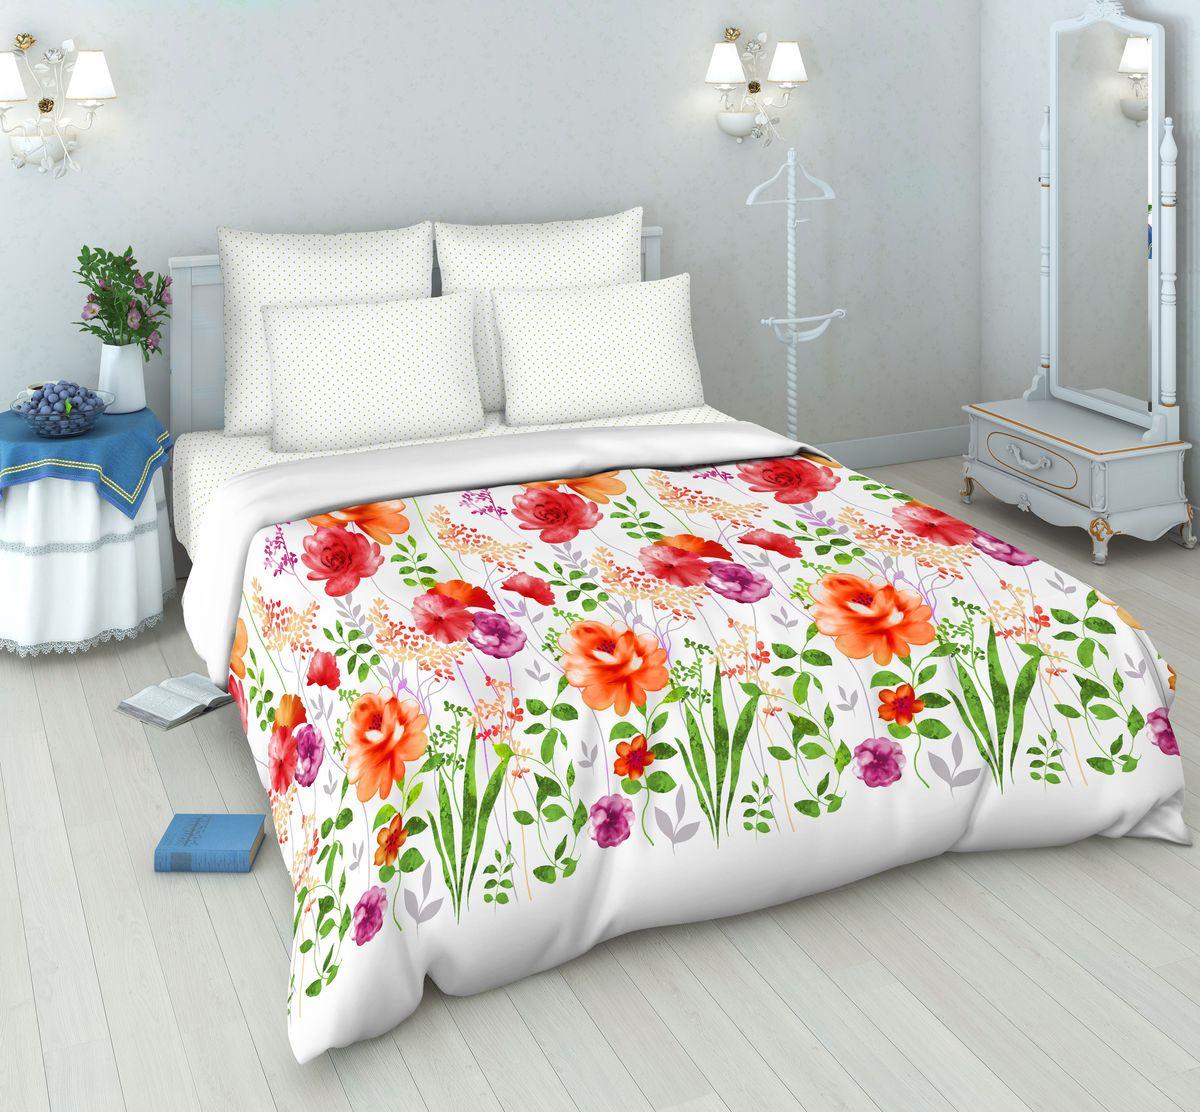 Комплект белья Василиса, 1,5-спальный, наволочки 70х70, цвет: белый. 7023/1,57023/1,5Комплект постельного белья Василиса состоит из пододеяльника, простыни и двух наволочек. Белье изготовлено из бязи (100% хлопка) - гипоаллергенного, экологичного, высококачественного, крупнозакрученного волокна. Использование особо тонкой пряжи делает ткань мягче на ощупь, обеспечивает легкое глажение и позволяет передать всю насыщенность цветовой гаммы. Благодаря более плотному переплетению нитей и использованию высококачественных импортных красителей постельное белье выдерживает до 70 стирок. На ткани не образуются катышки. Способ застегивания наволочки - клапан, пододеяльника - отверстие без застежки по краю изделия с подвернутым краем.Приобретая комплект постельного белья Василиса, вы можете быть уверены в том, что покупка доставит вам удовольствие и подарит максимальный комфорт.